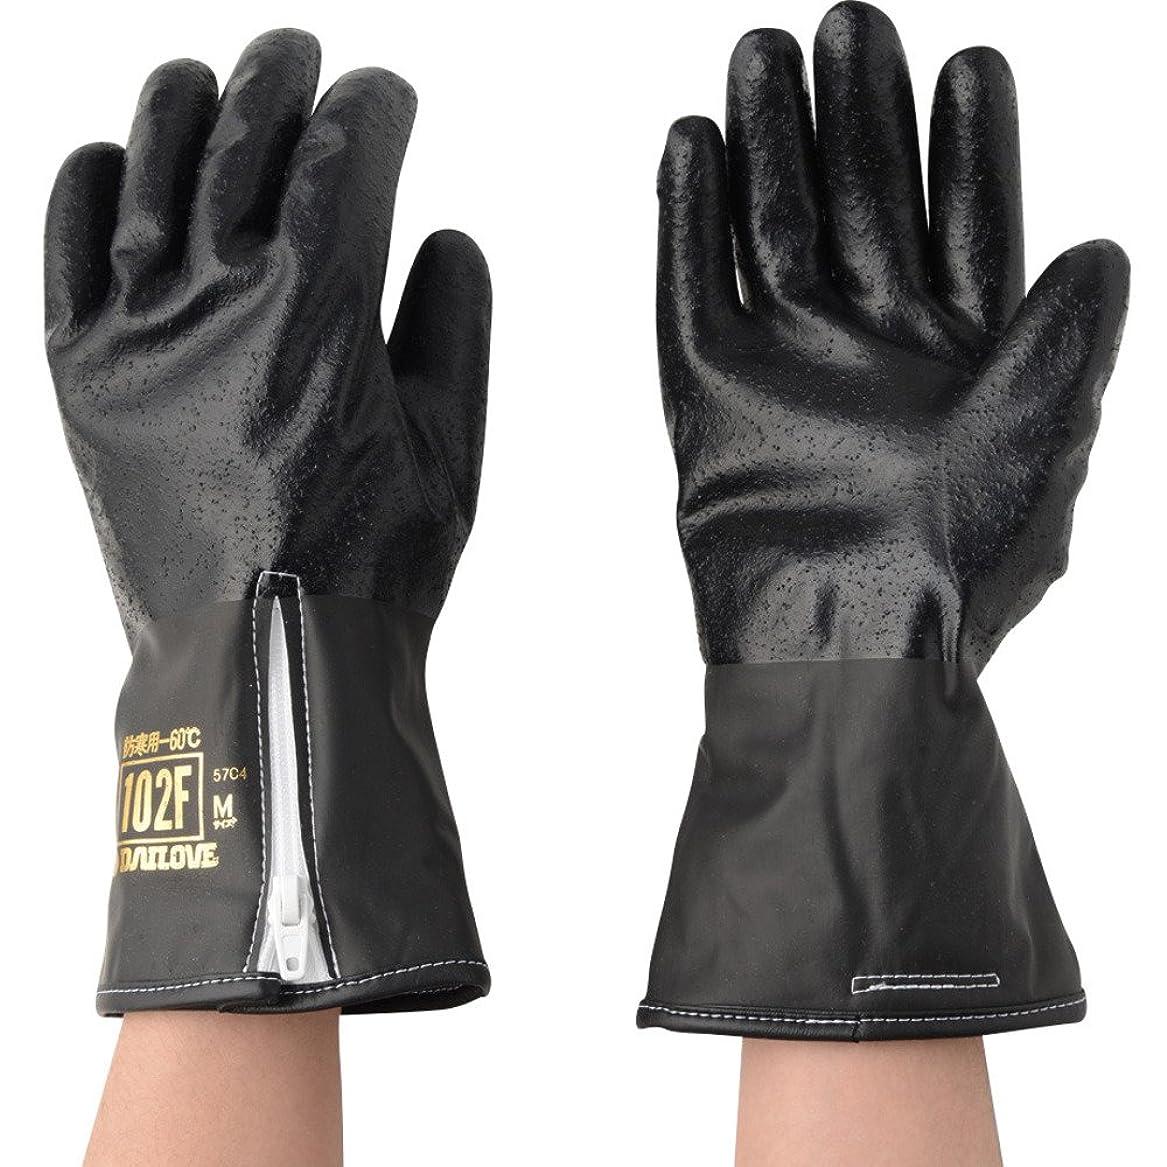 パイルチャーム道路DAILOVE(ダイローブ) 防寒用手袋ダイロ?ブ102F-BK(M) D102F-BKM 防寒手袋